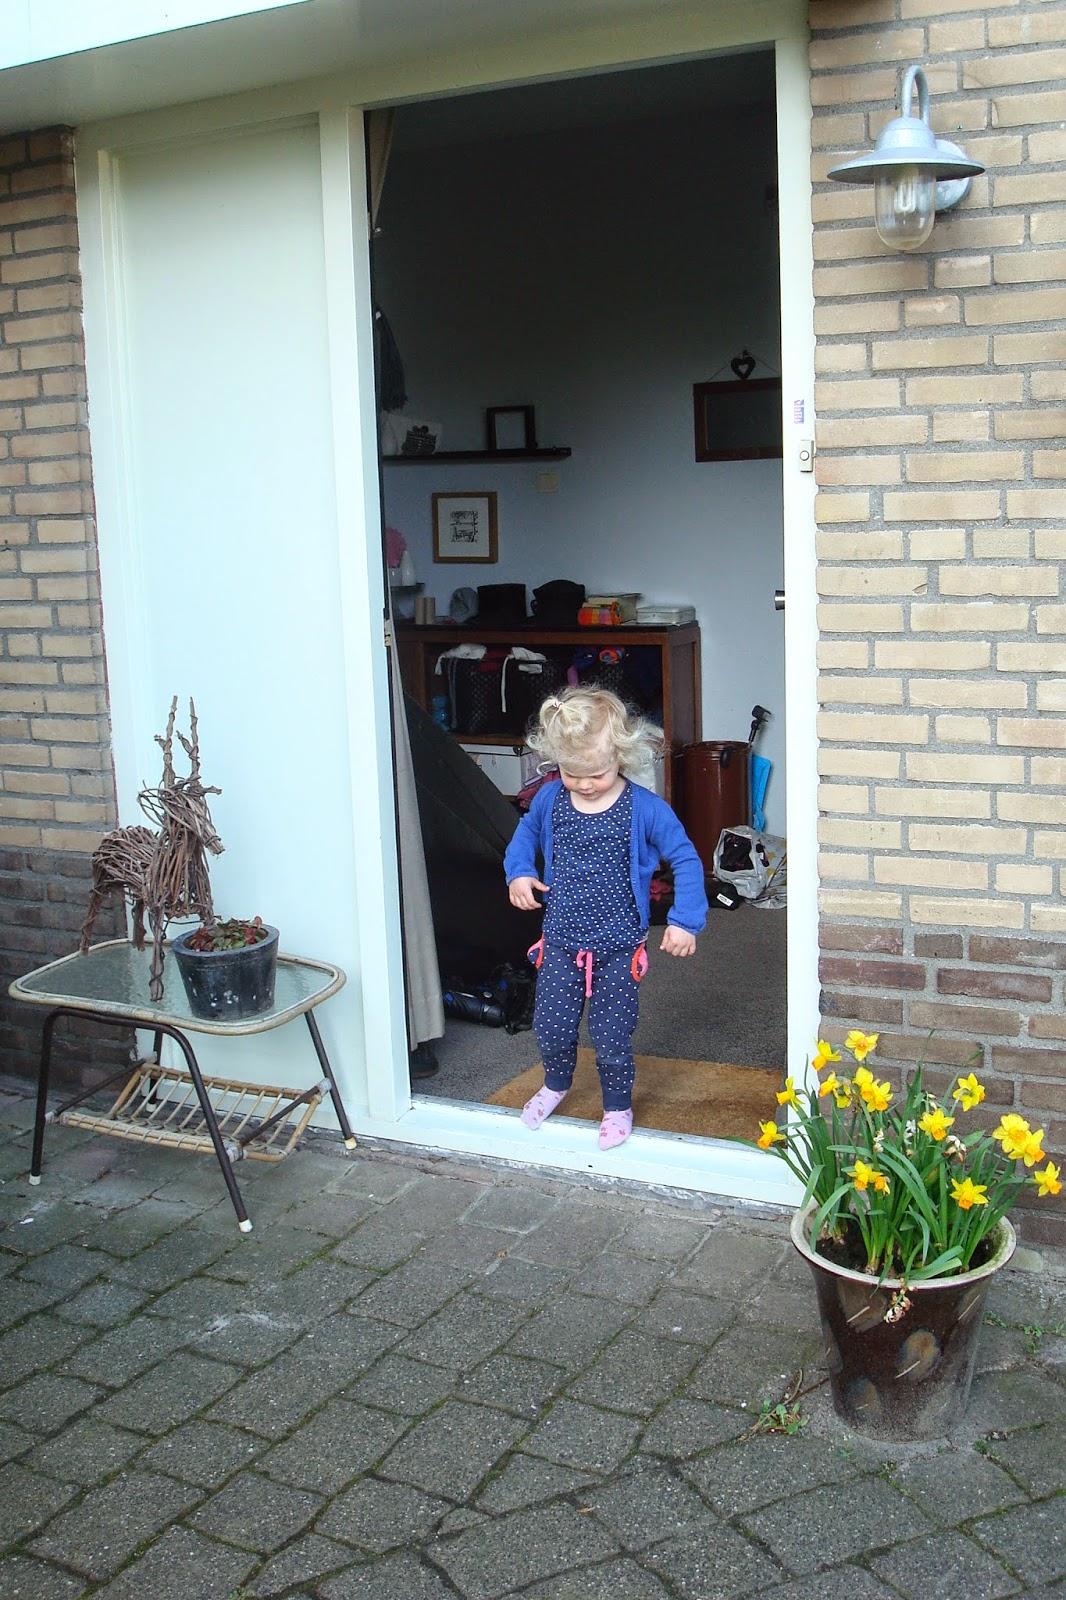 Jannekes jolige wereld zet de deur van je huis maar open weggeefactie - Lederen fauteuil huis van de wereld ...